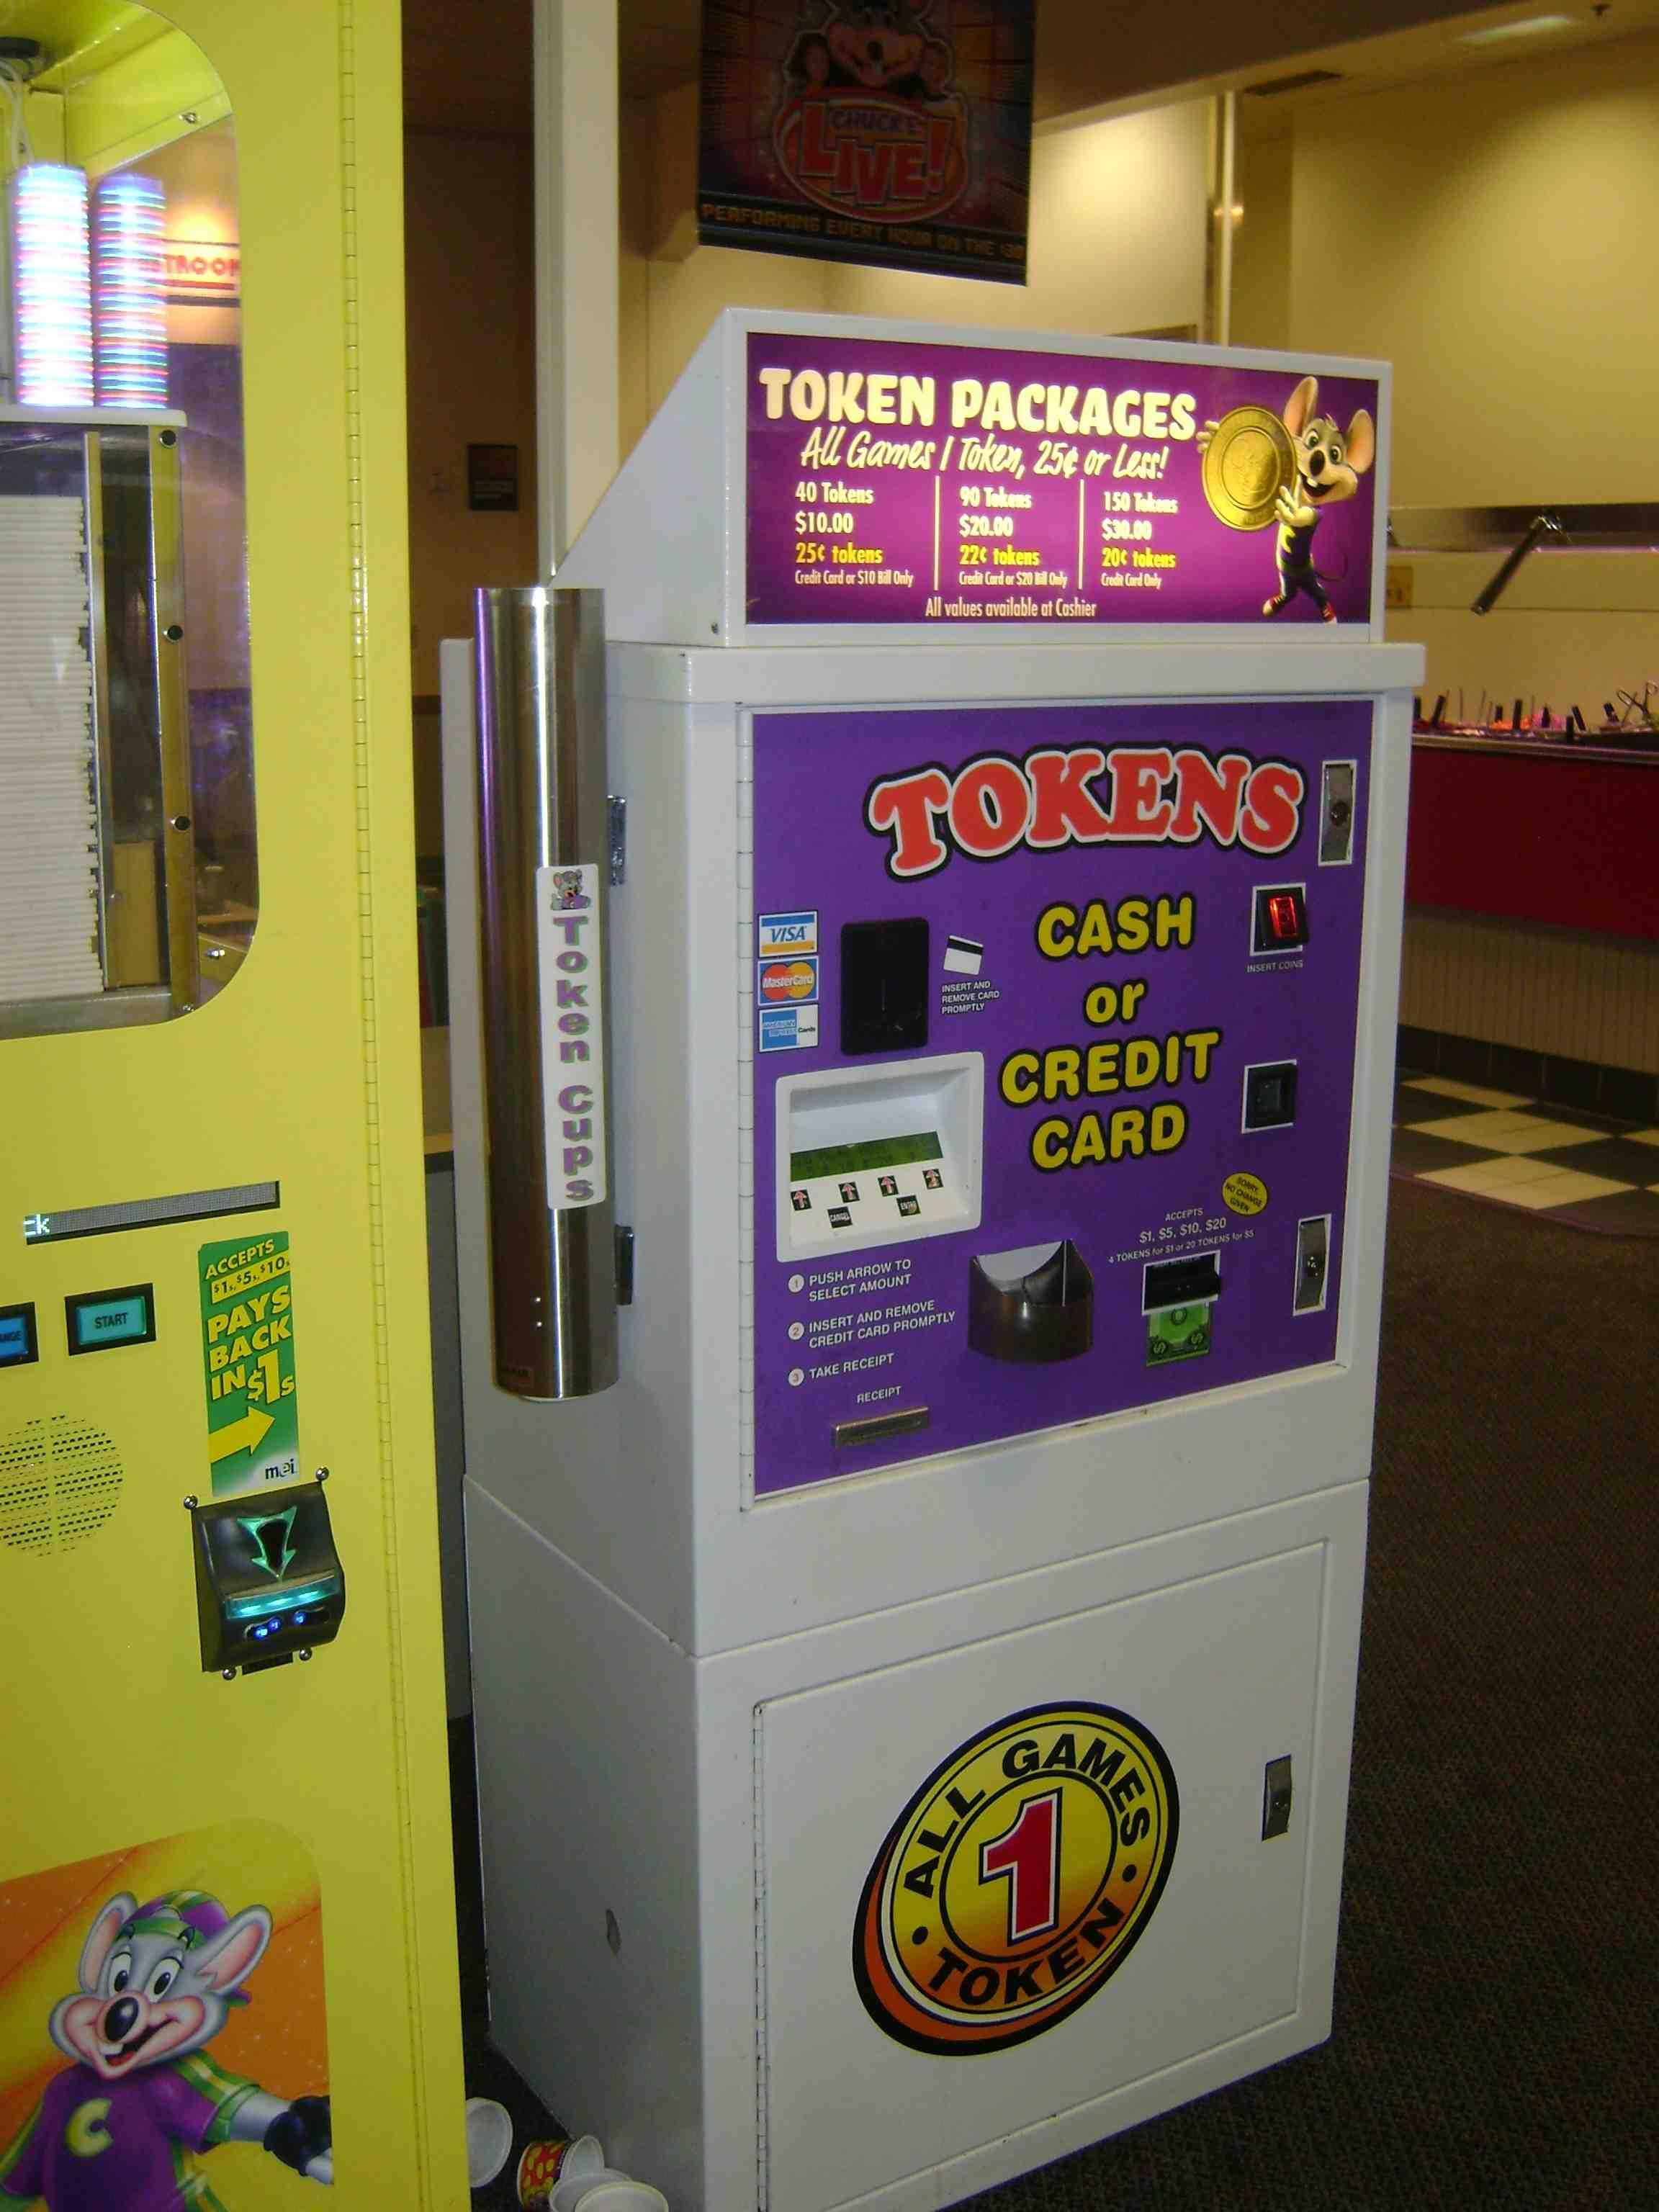 chuck e cheese token deals